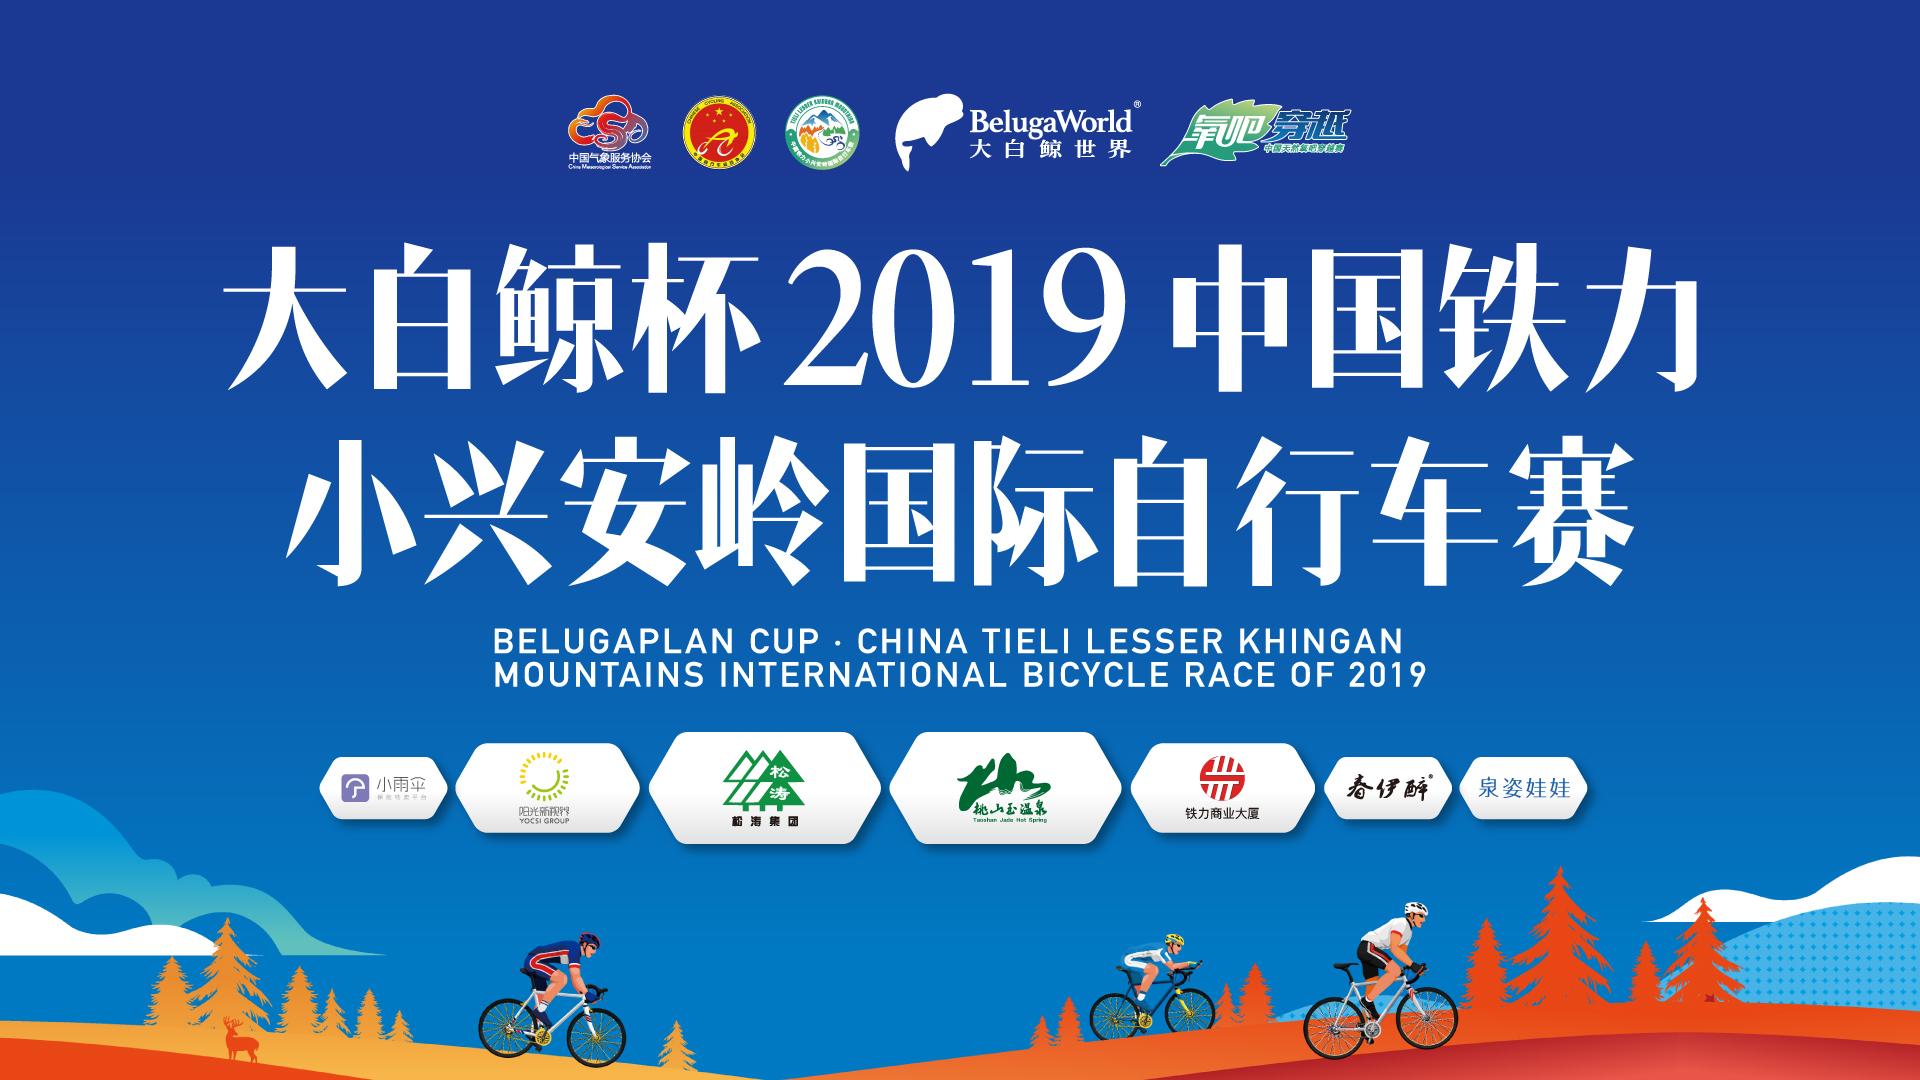 新浪直播:2019中国铁力小兴安岭国际自行车赛